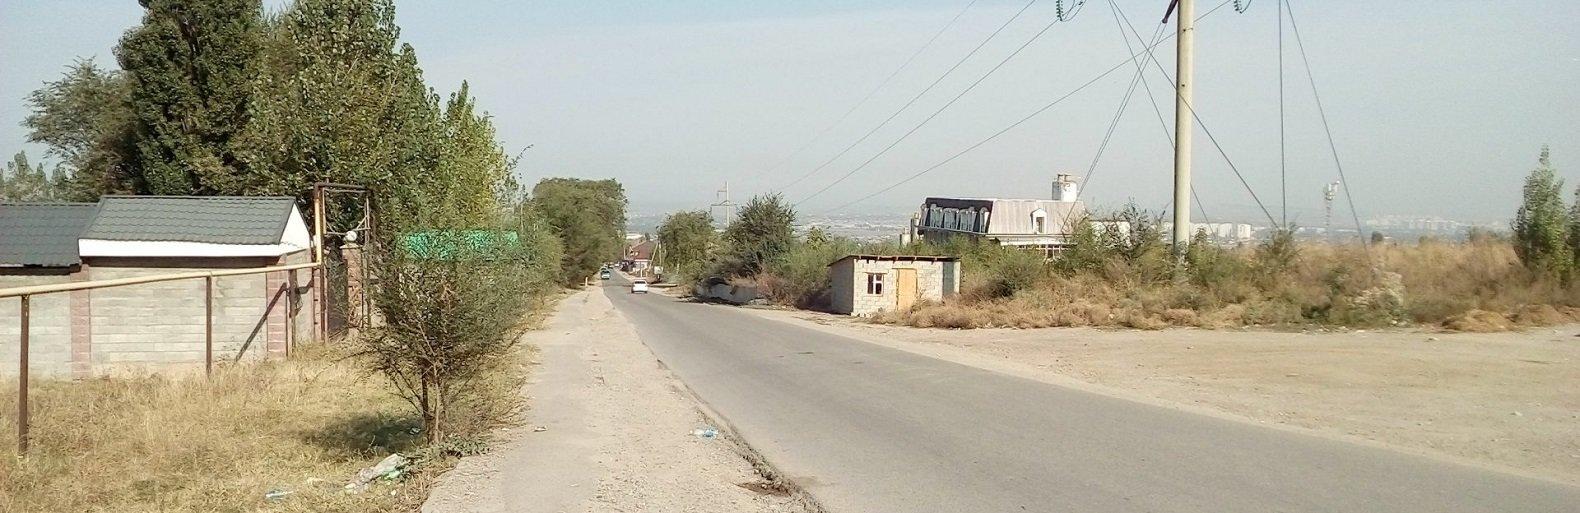 Полиция расследует уголовное дело о возбуждении национальной розни по факту беспорядков в селе Шорнак